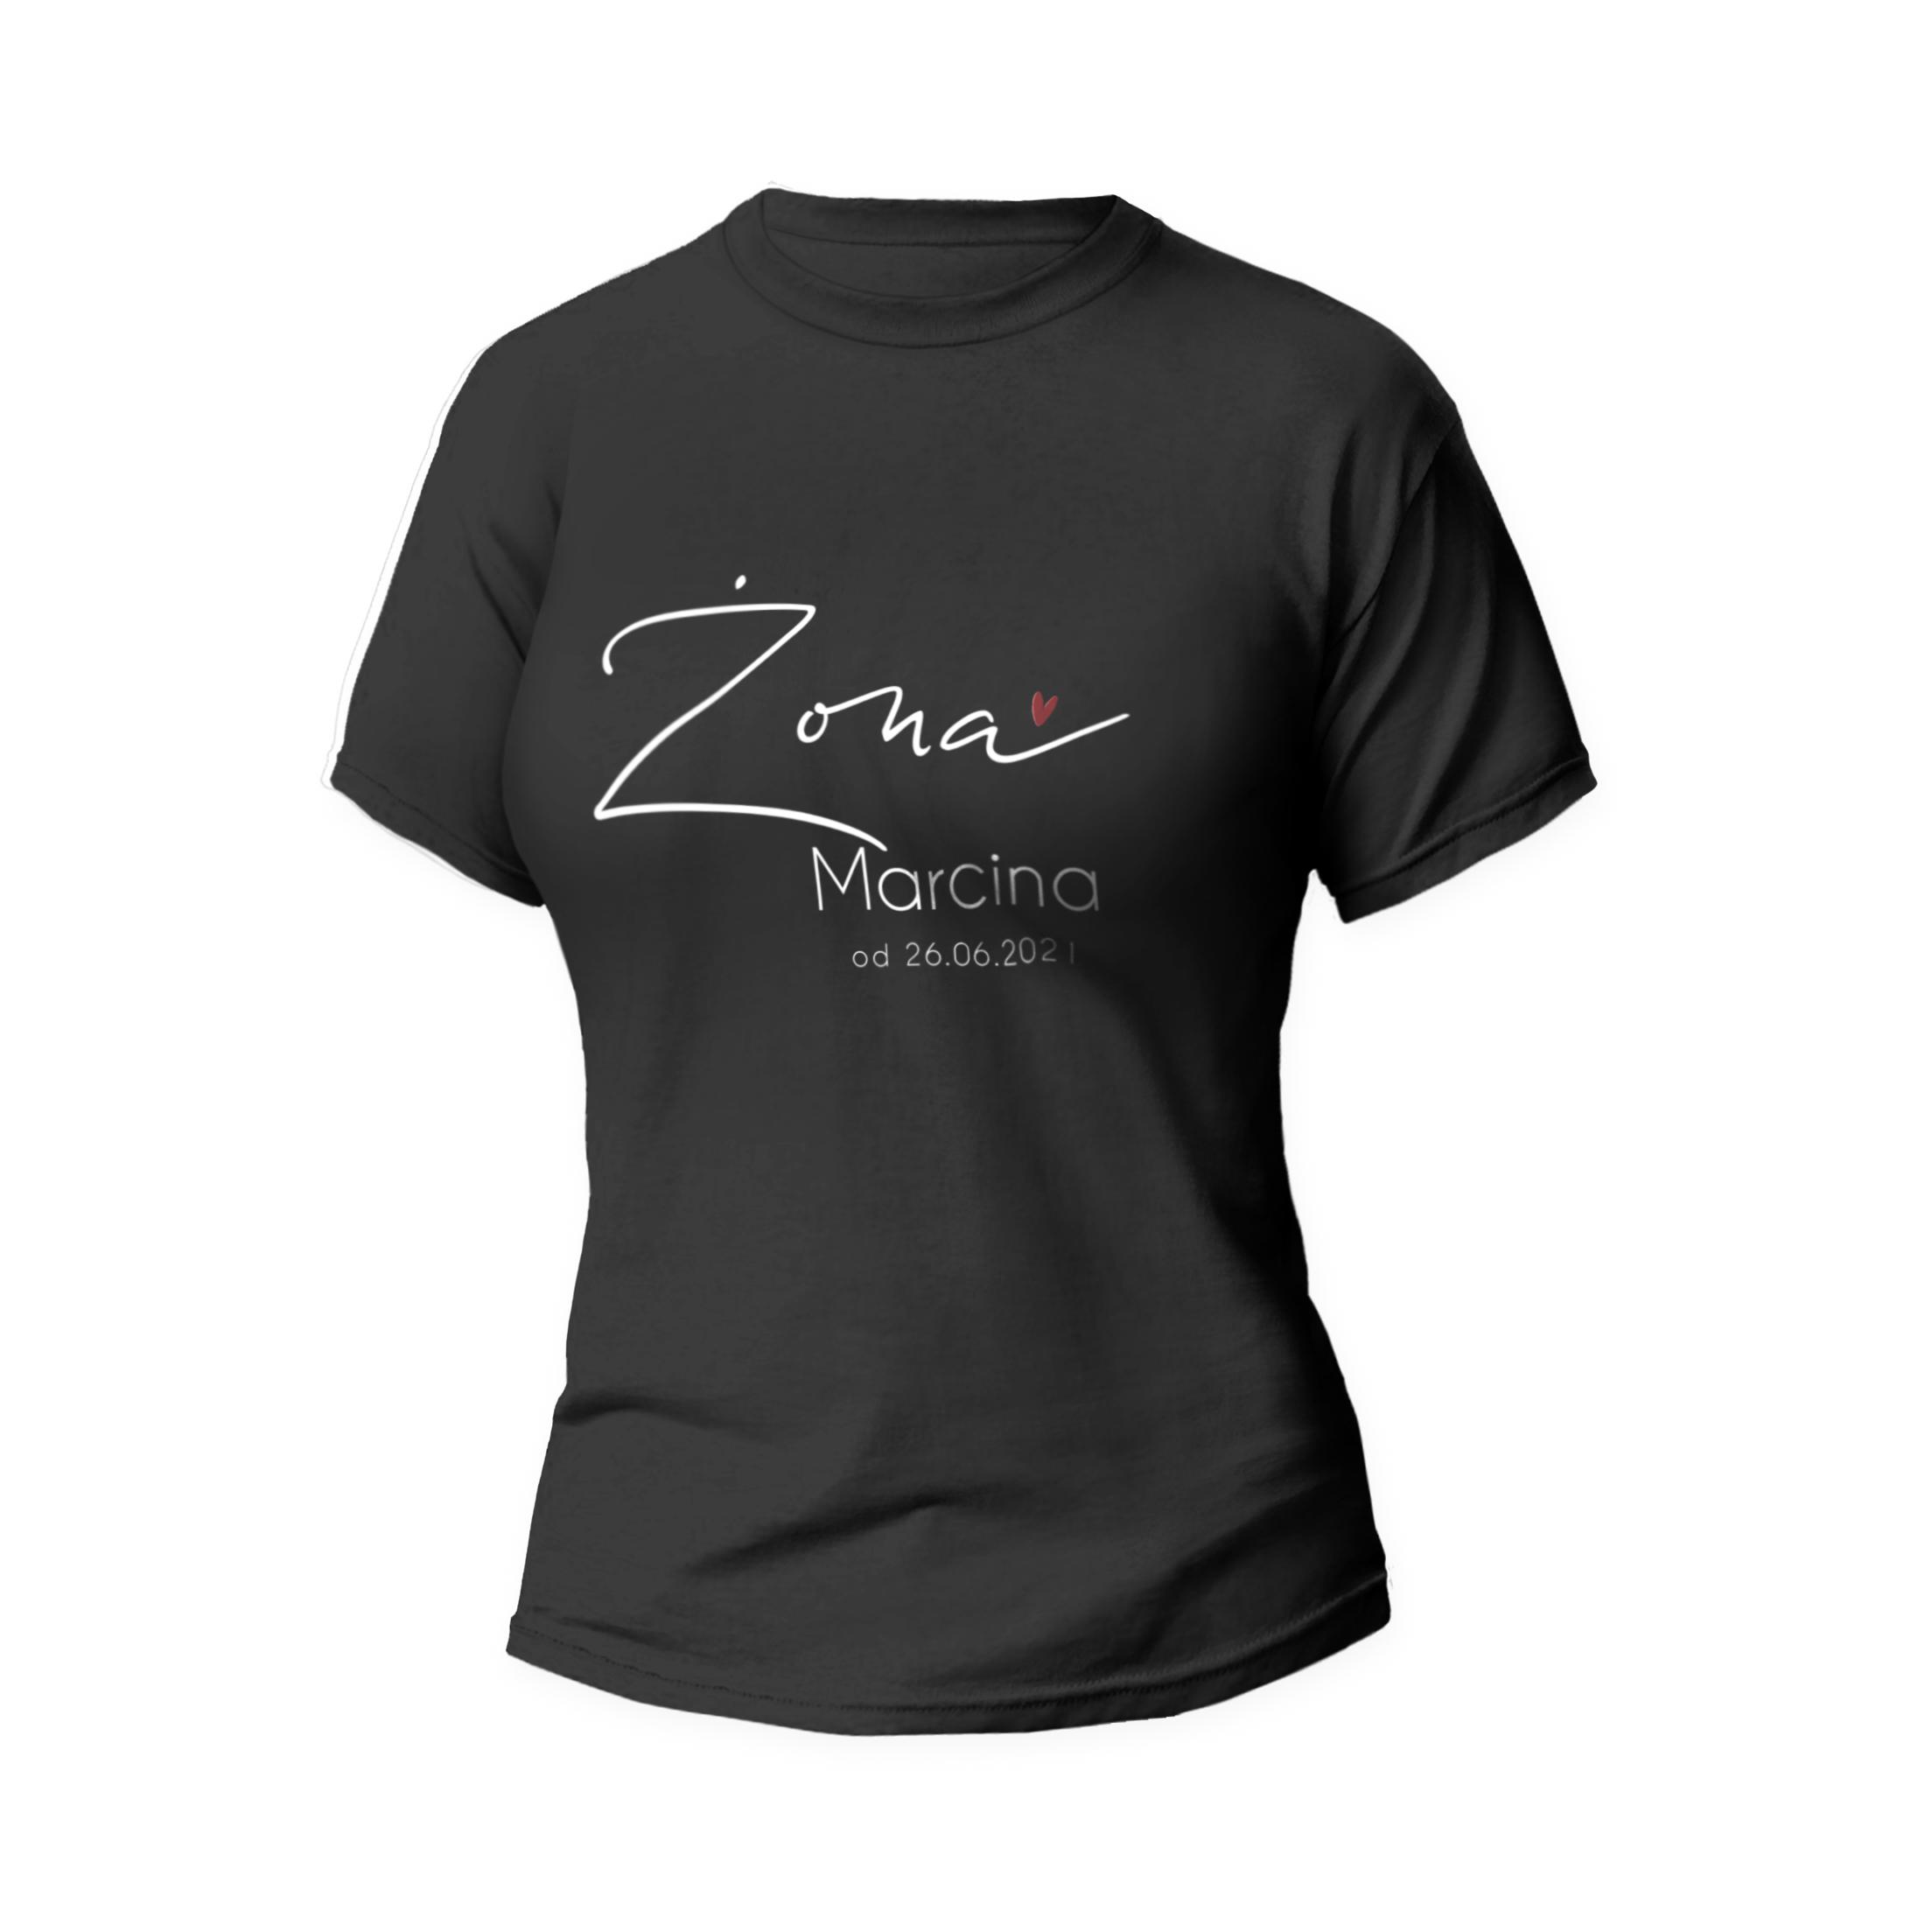 Rozmiar S - koszulka damska dla żony